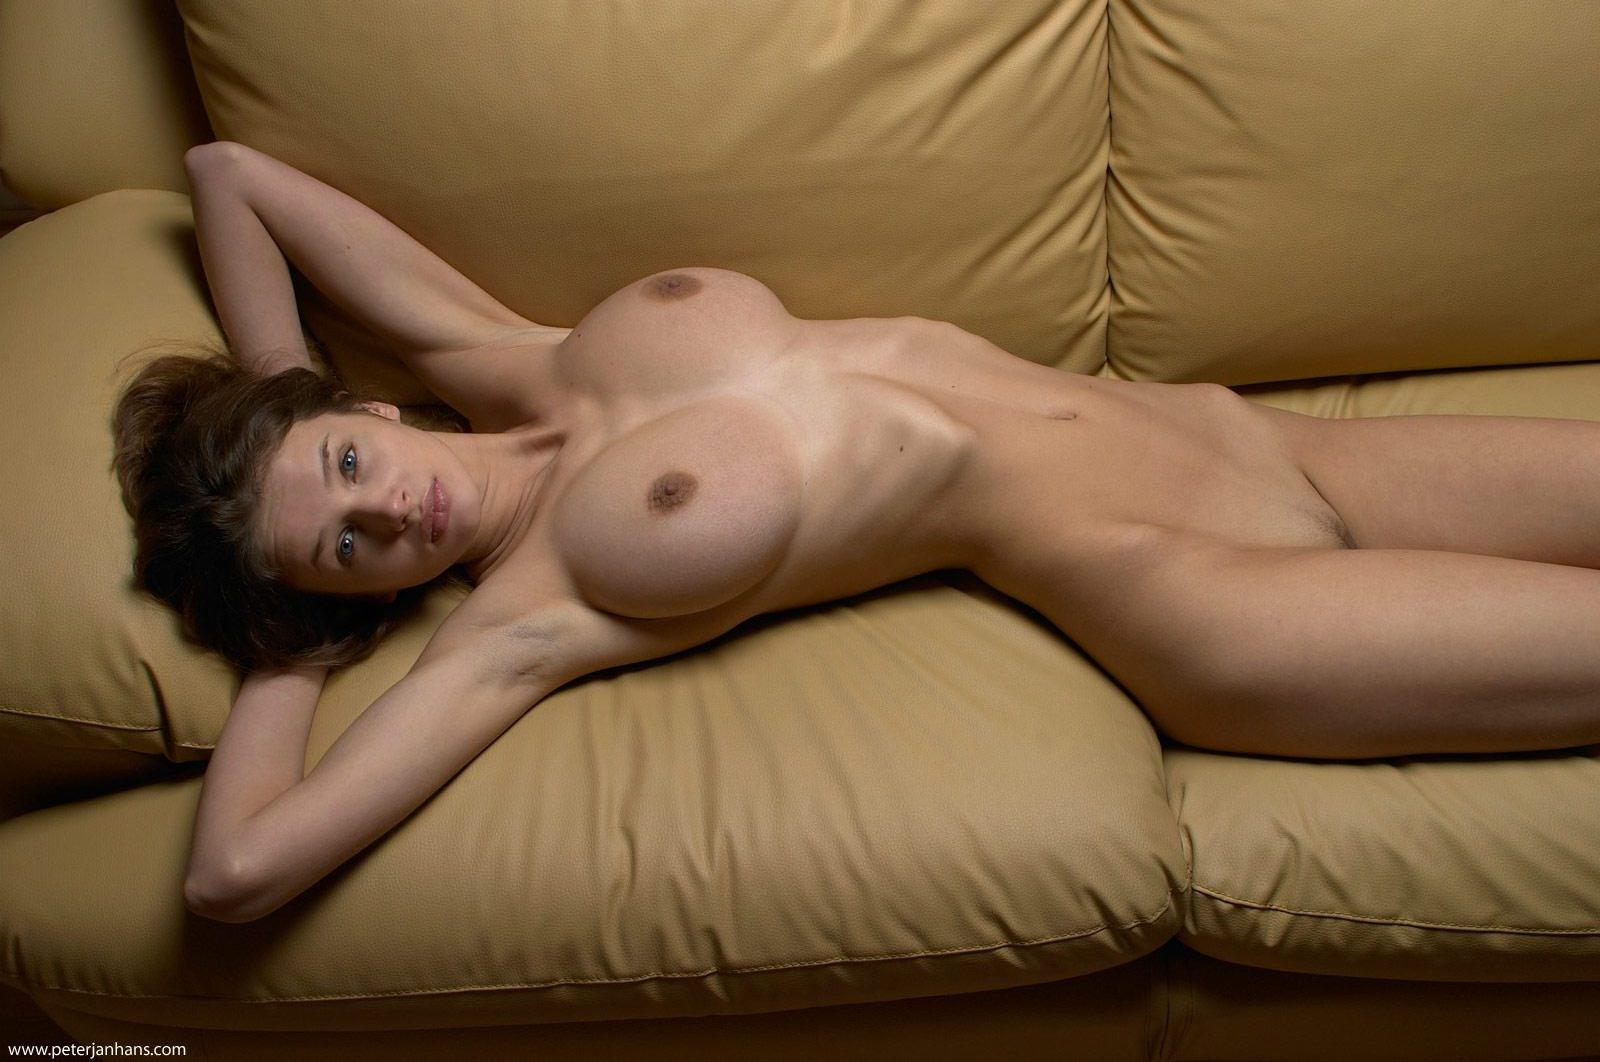 nude-skinny-girls-slim-body-mix-46